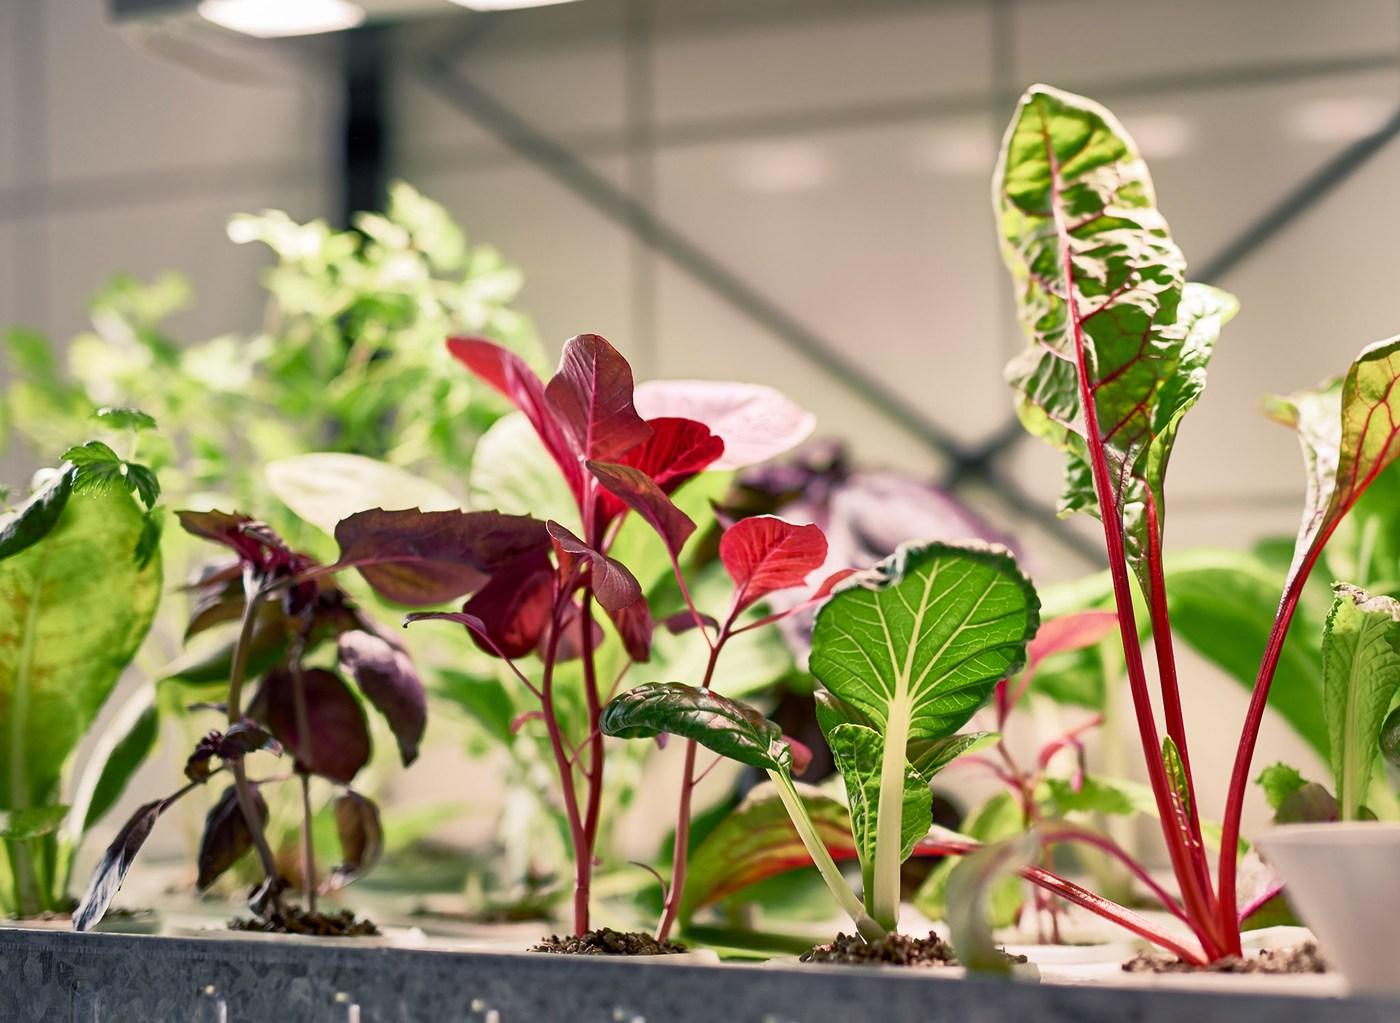 水耕栽培している緑や赤のハーブやレタス。